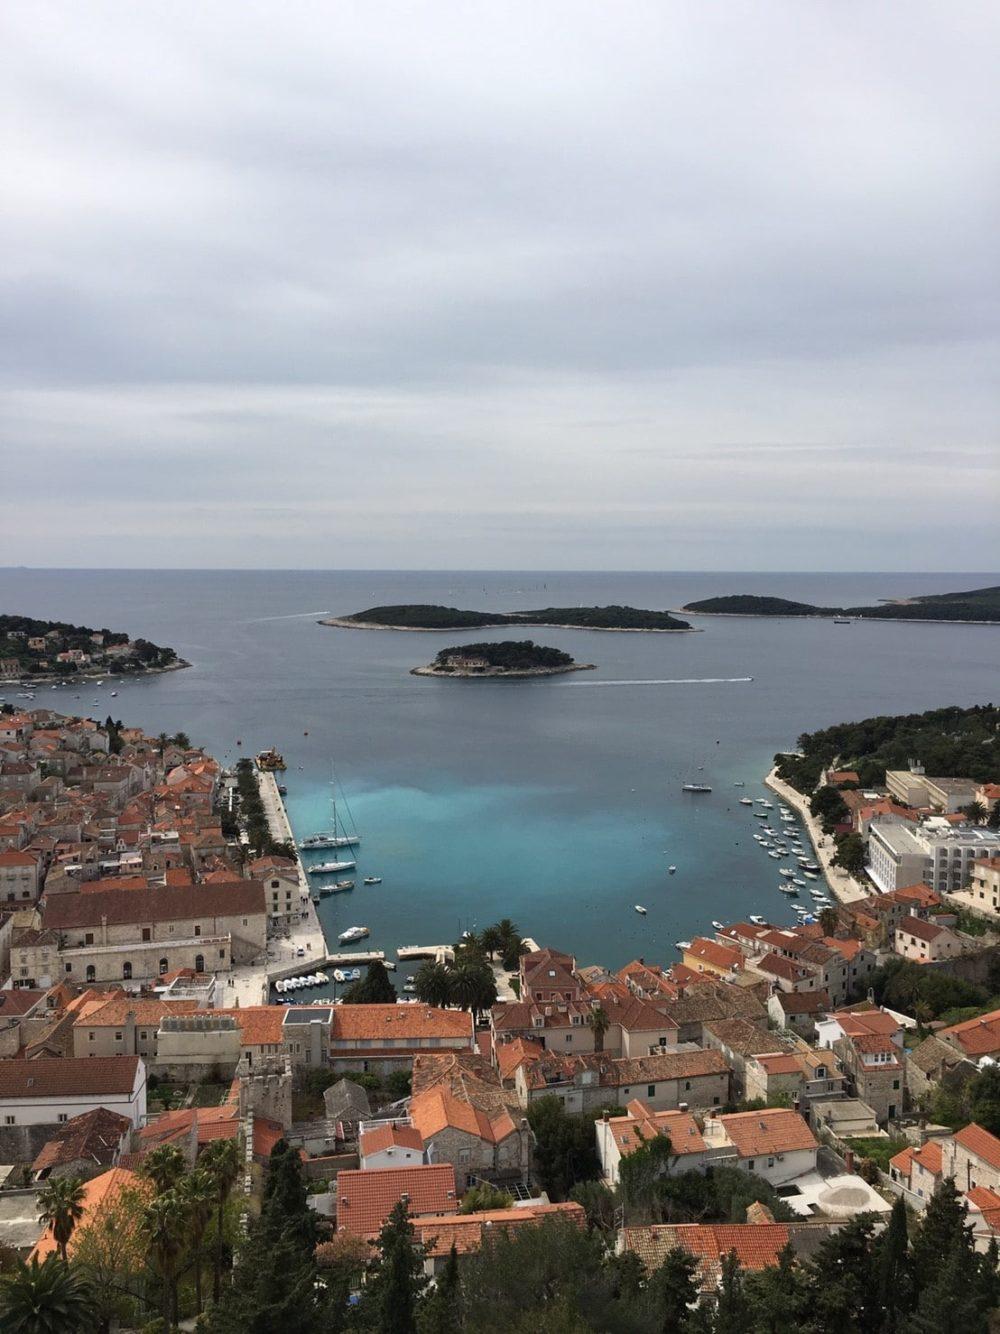 クロアチア フヴァール島 城塞